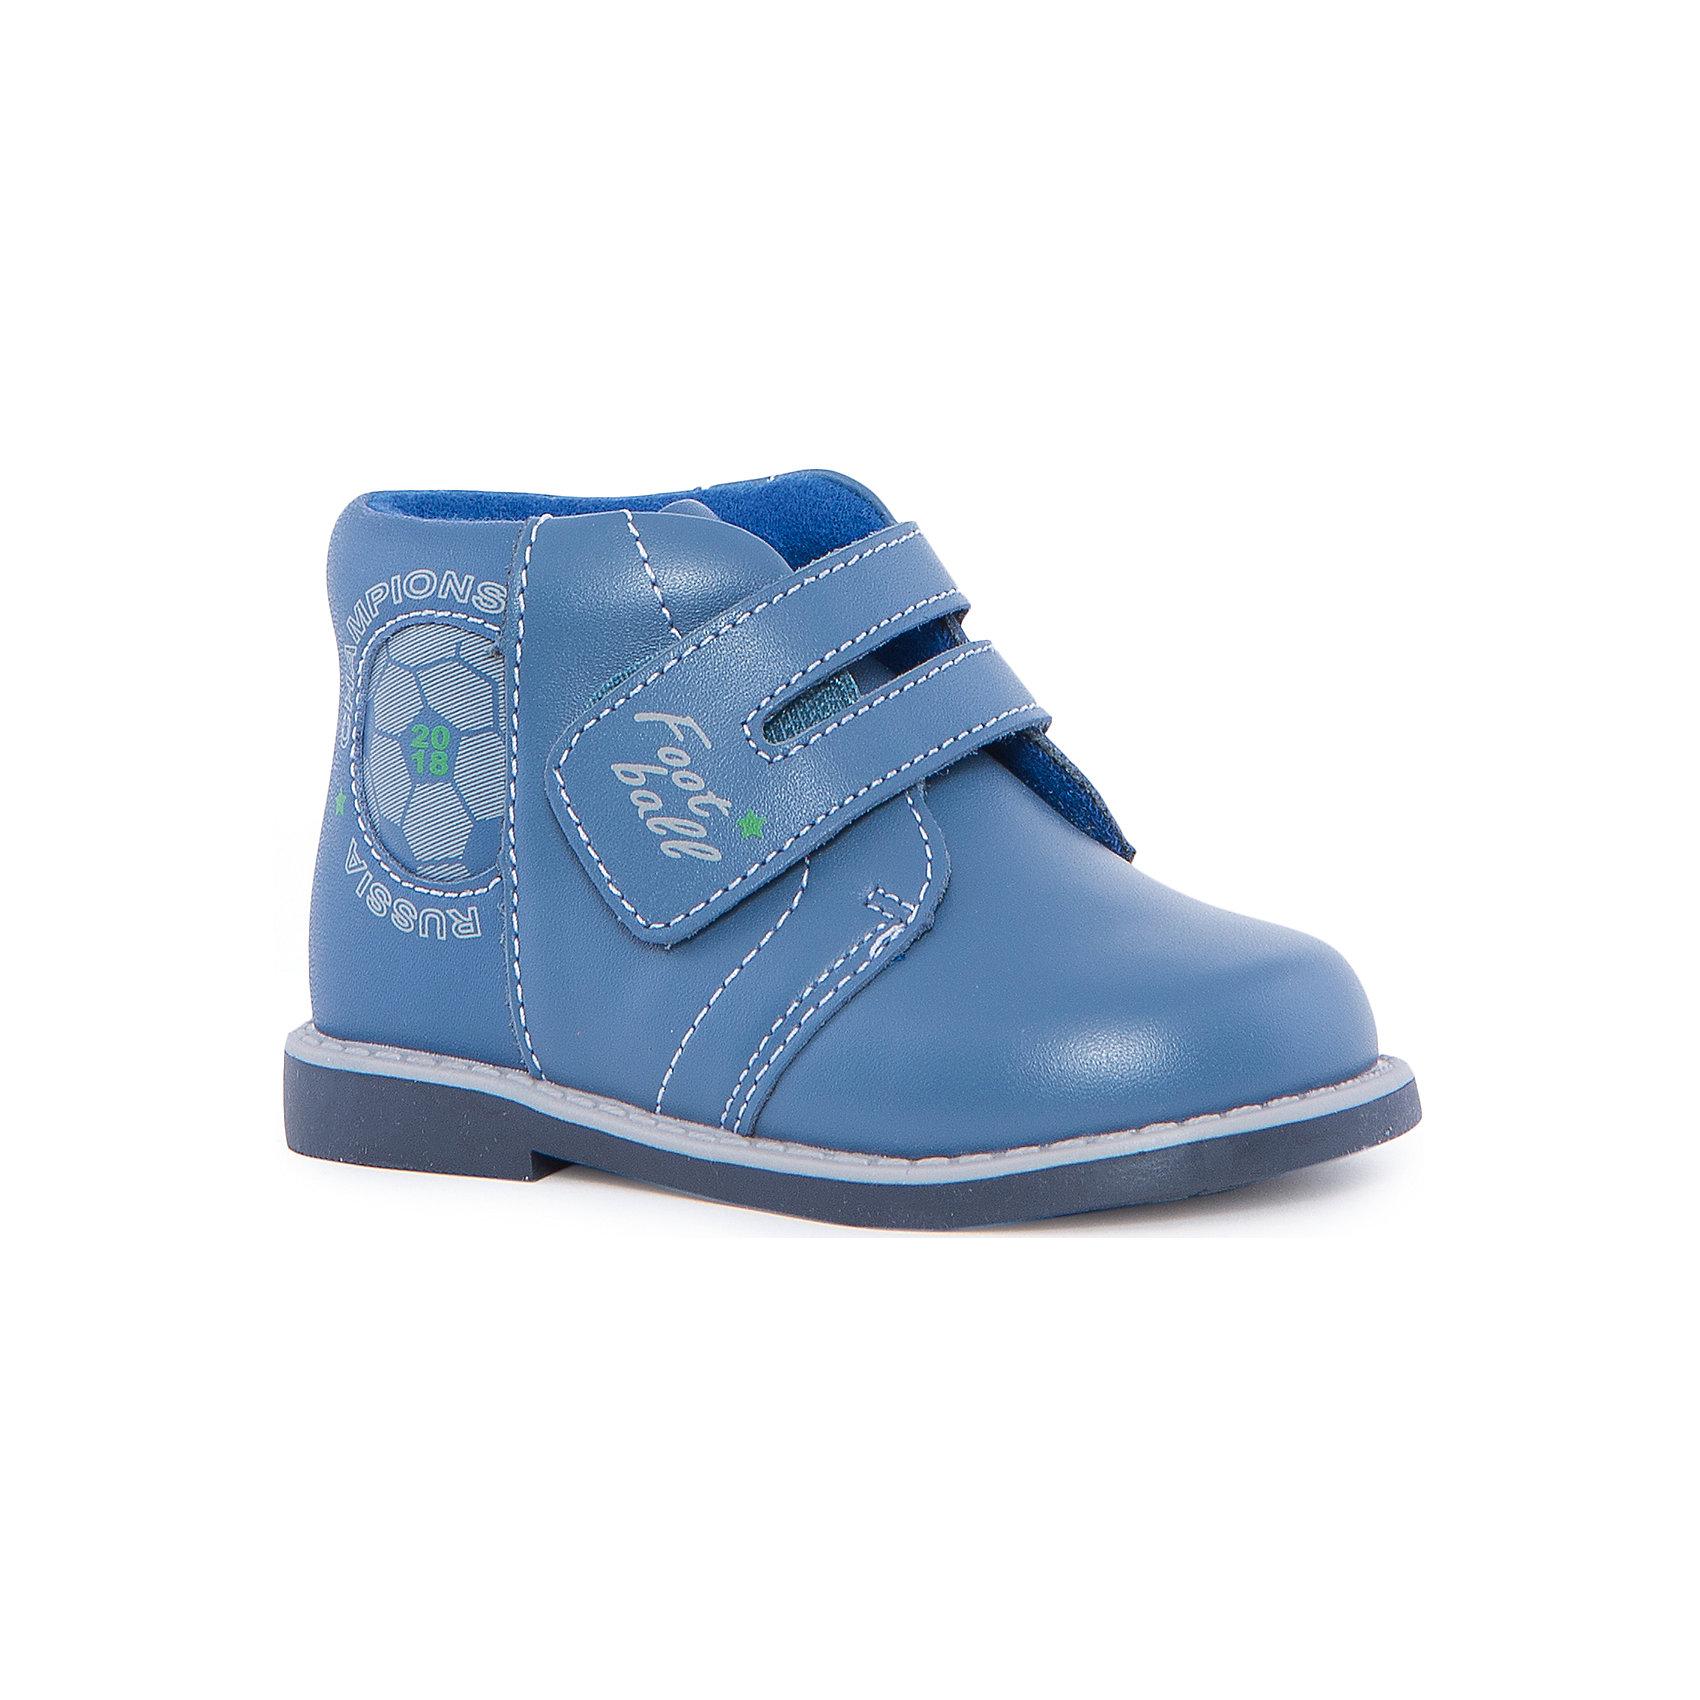 Ботинки для мальчика KAPIKAБотинки для мальчика KAPIKA – стиль, красота и тепло.<br>Красивые модные ботинки из натуральной кожи делают ходьбу комфортной и теплой. Ботинки сделаны с жестким задником и супинатором для правильного формирования ступни. Хорошо прилегают к ноге, закрепляясь большой, широкой липучкой. Есть небольшой каблучок.<br><br>Дополнительная информация:<br><br>- материал верха: натуральная кожа/искусственная кожа<br>- цвет: голубой<br><br>Ботинки для мальчика KAPIKA можно купить в нашем интернет магазине.<br><br>Ширина мм: 262<br>Глубина мм: 176<br>Высота мм: 97<br>Вес г: 427<br>Цвет: синий<br>Возраст от месяцев: 21<br>Возраст до месяцев: 24<br>Пол: Мужской<br>Возраст: Детский<br>Размер: 24,21,22,23<br>SKU: 4987995